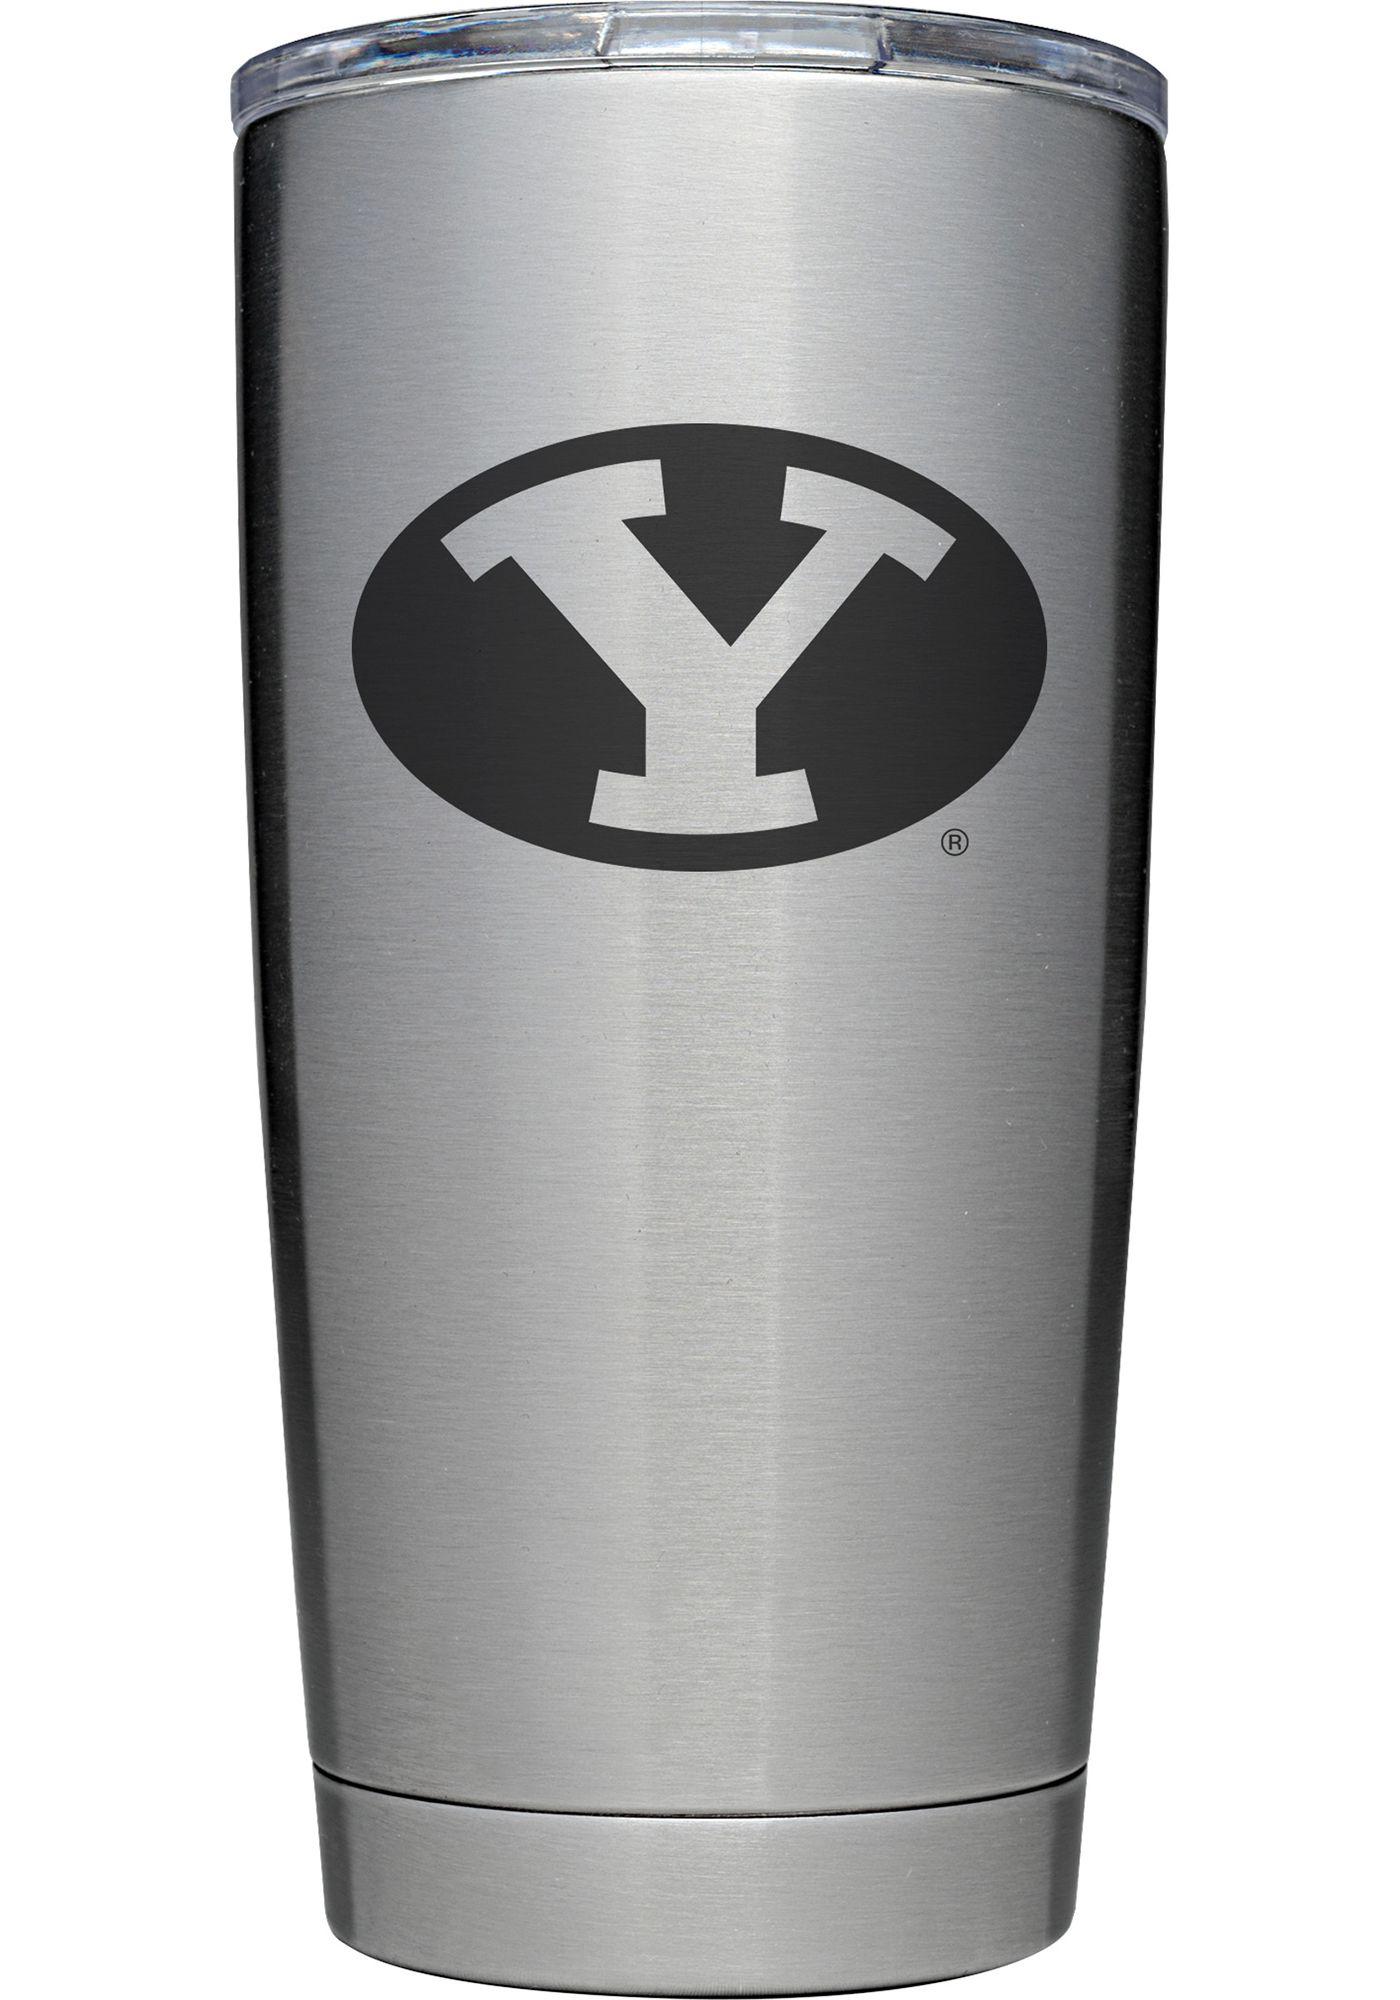 YETI Rambler 20 BYU Cougars Tumbler